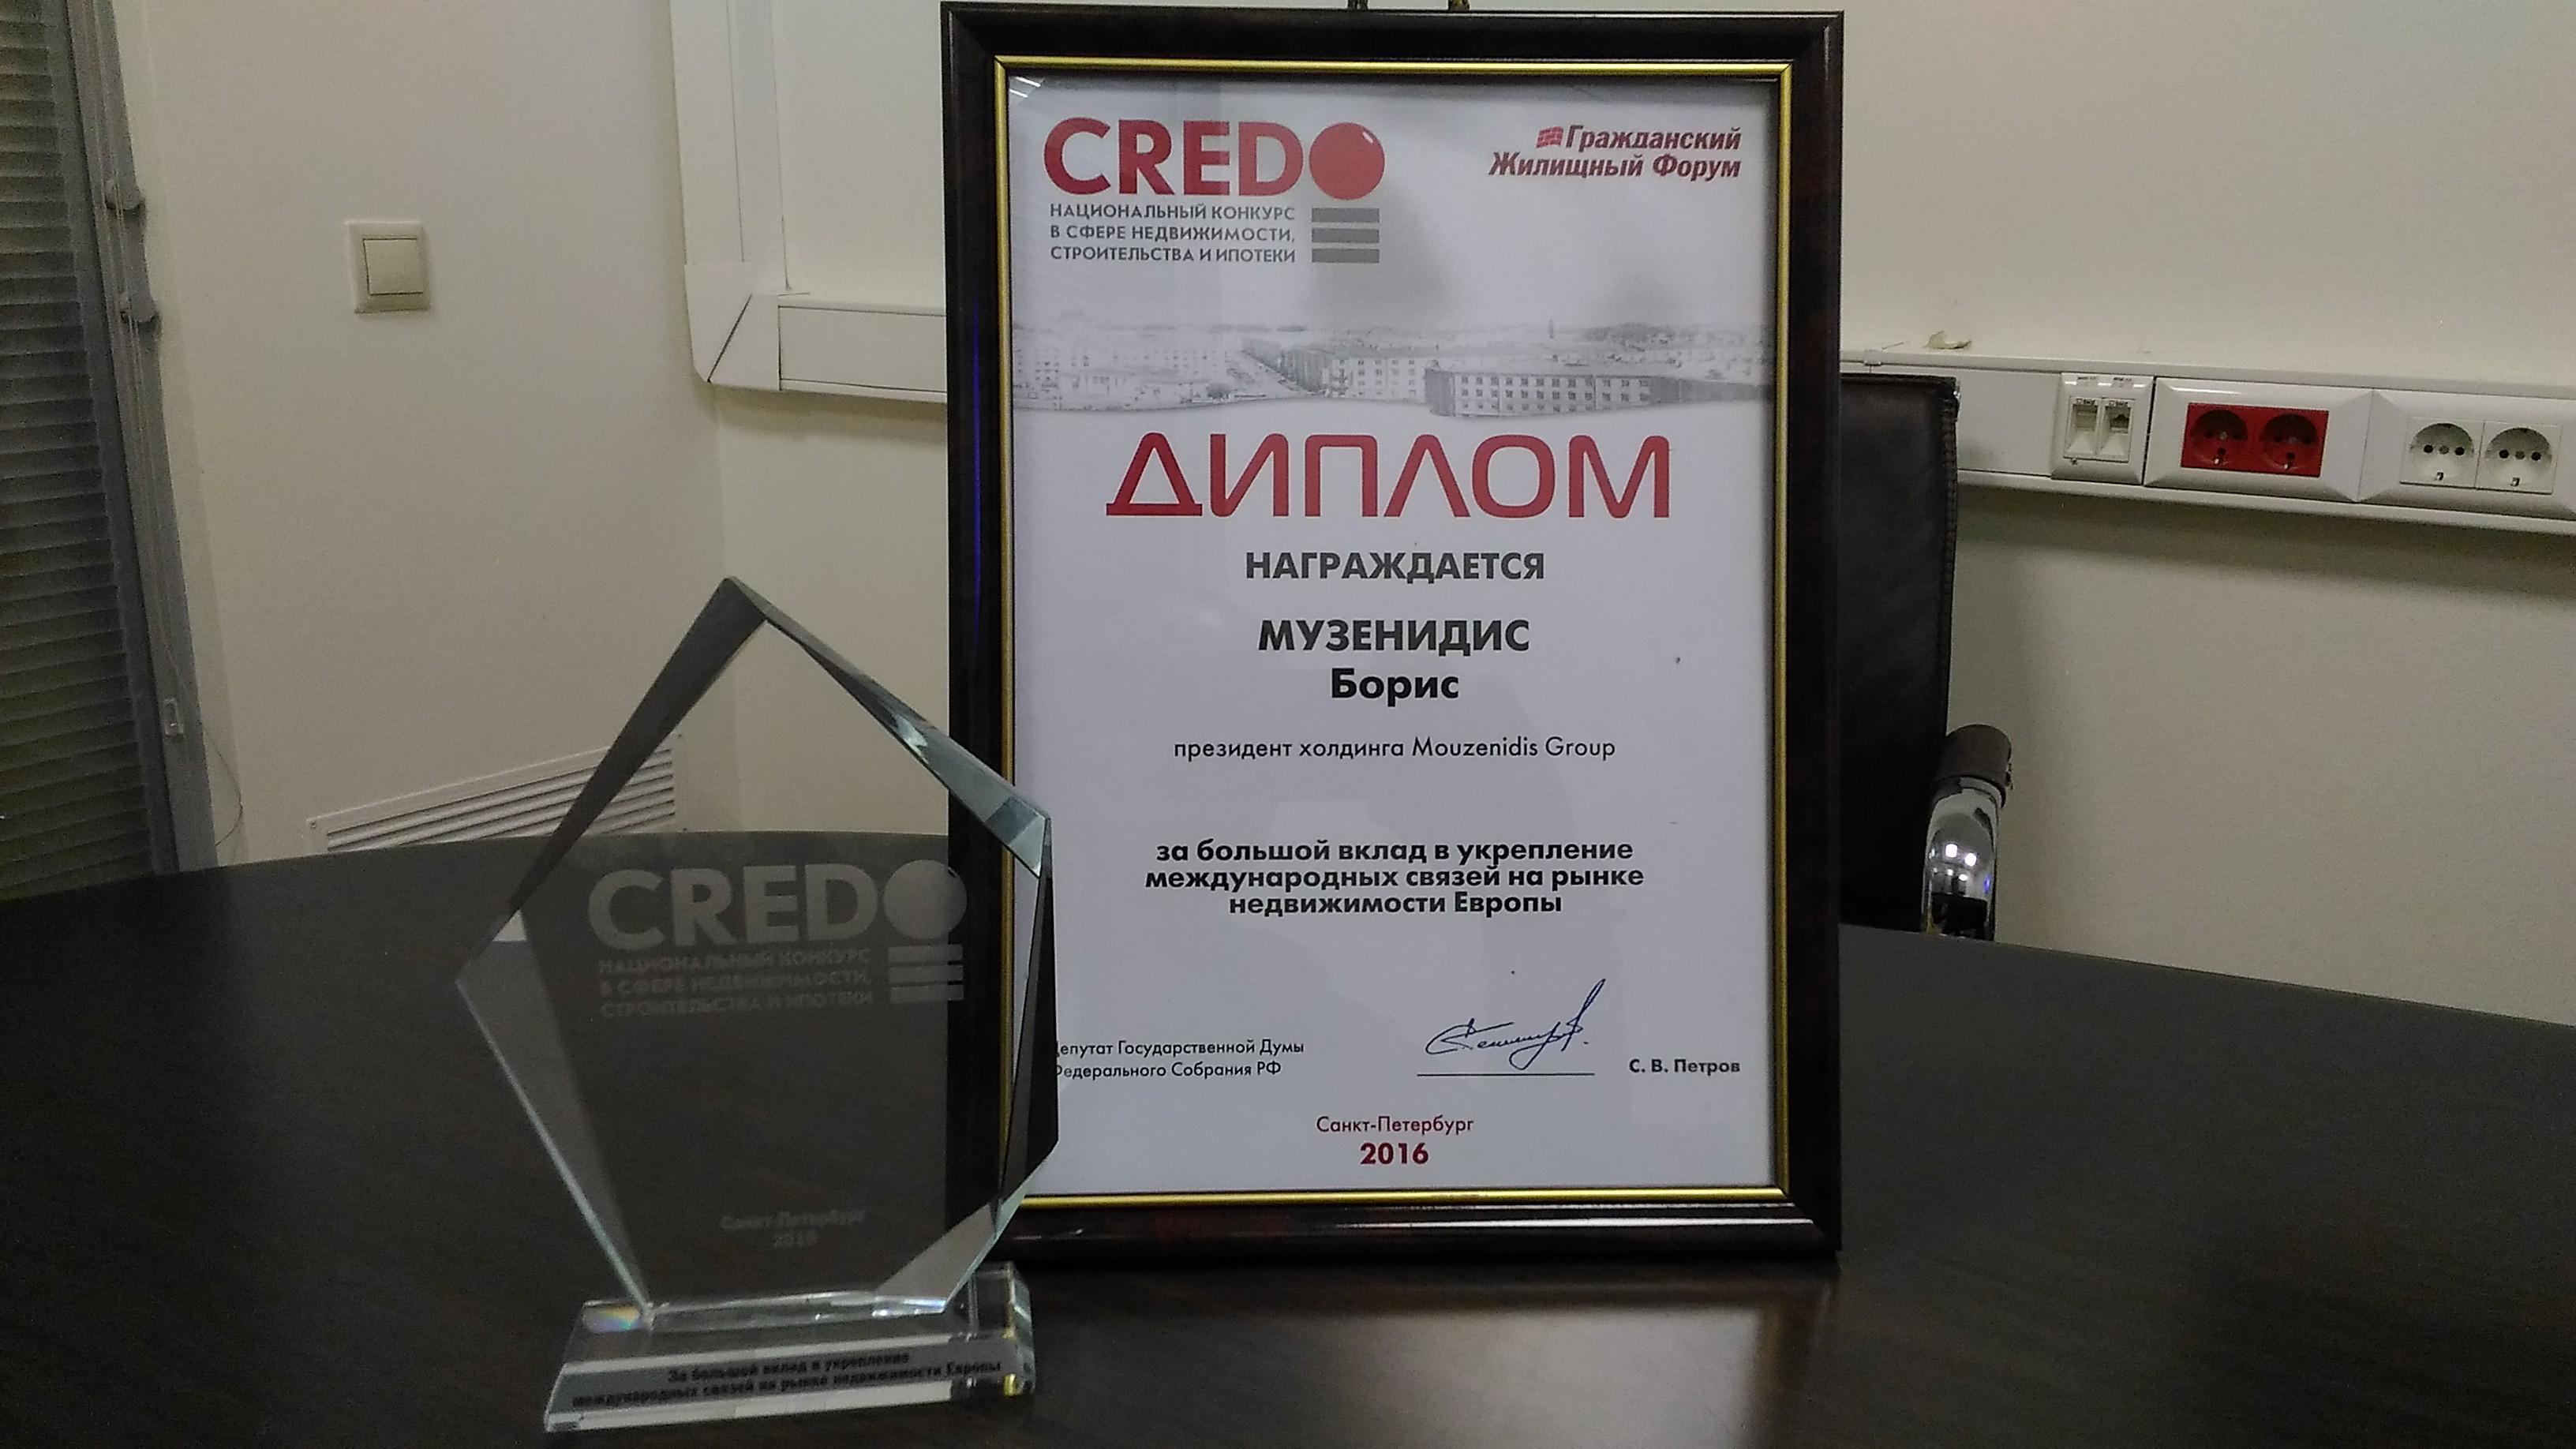 Гражданский жилищный конгресс в Санкт-Петербурге